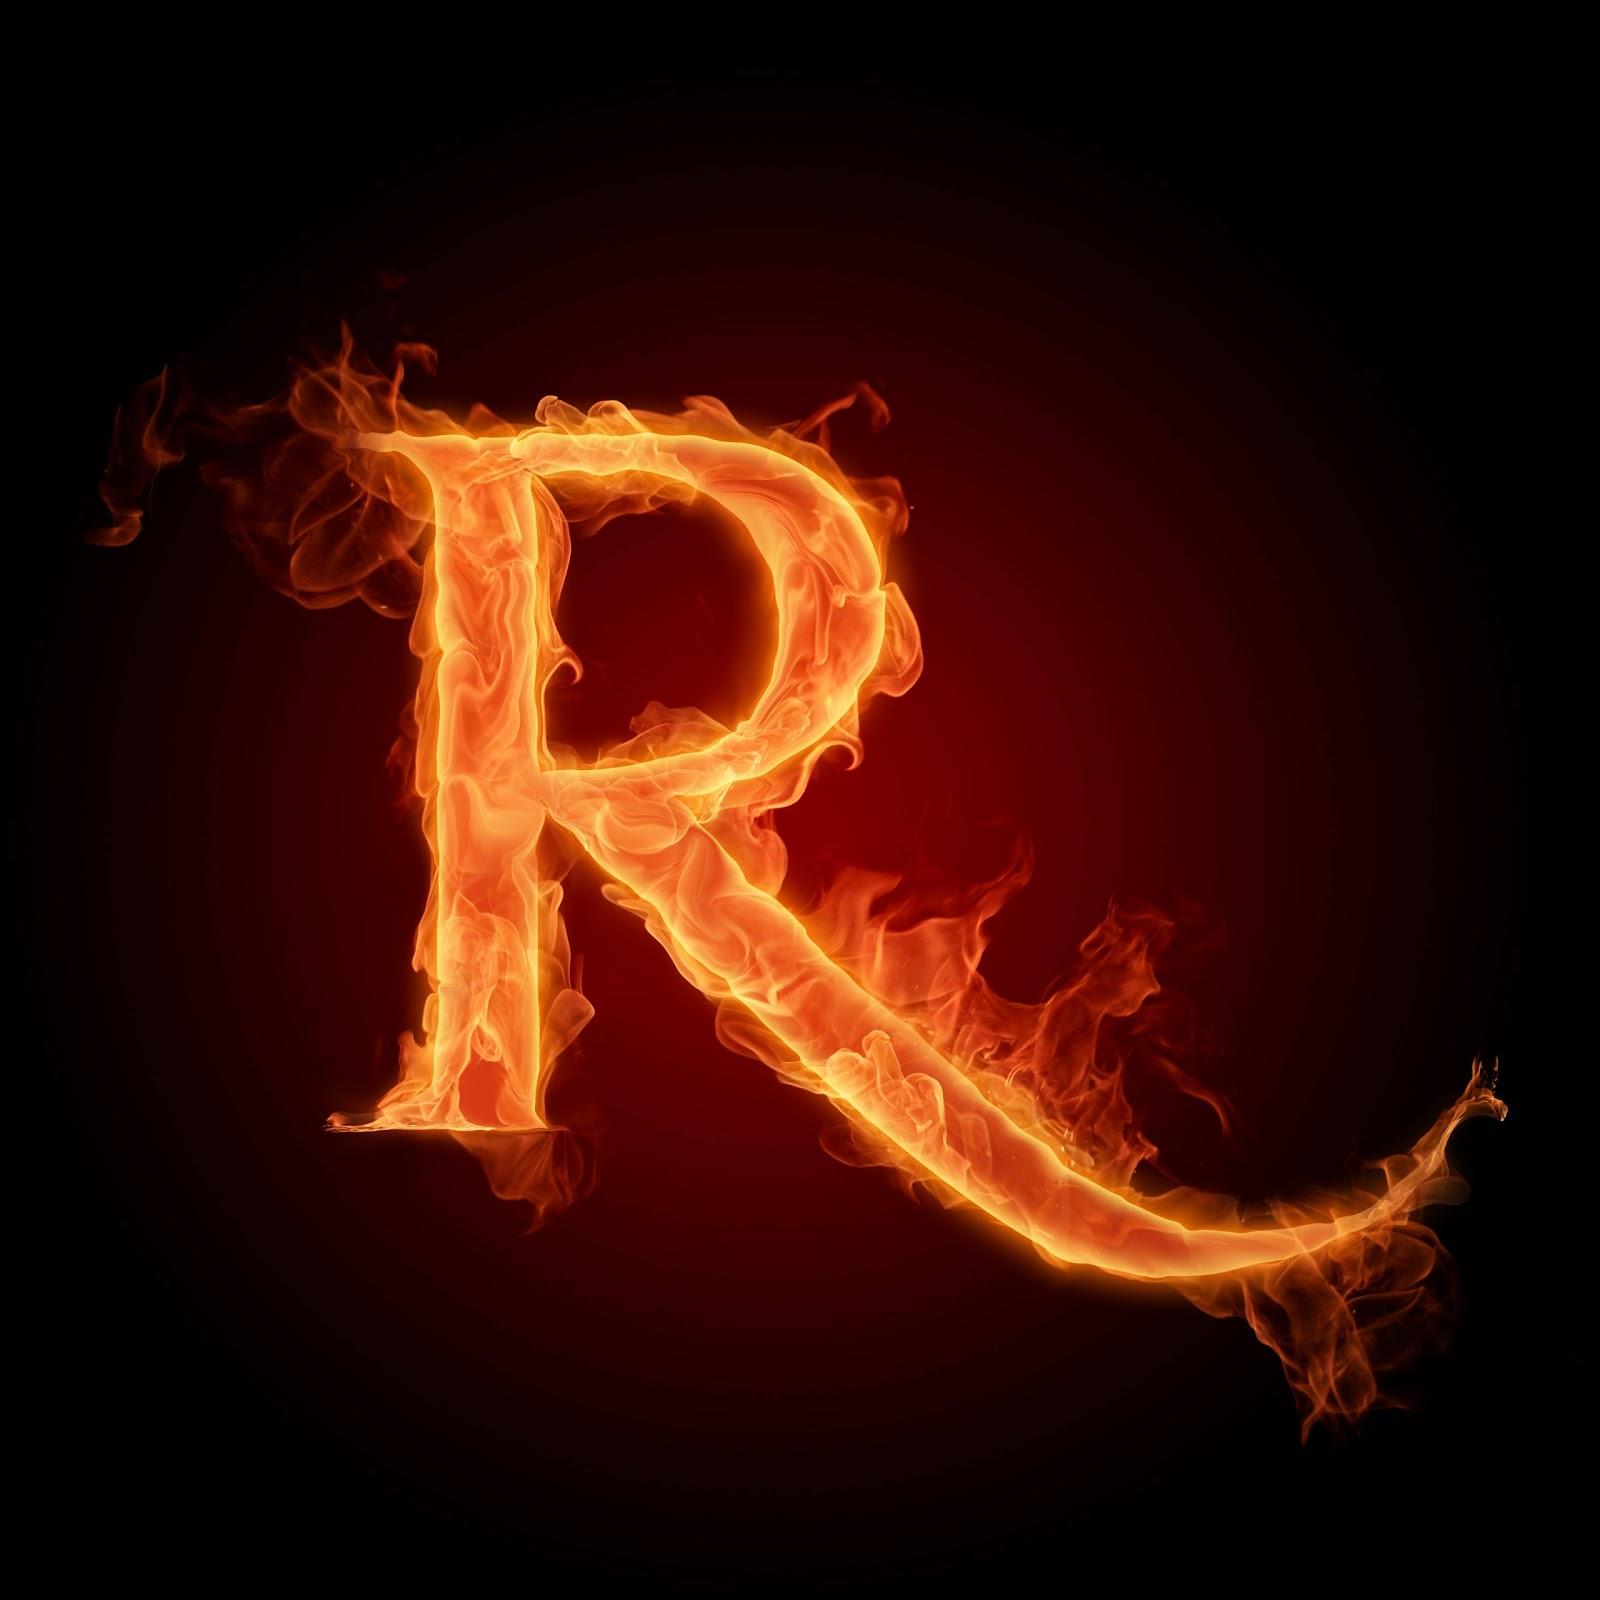 http://2.bp.blogspot.com/-l8-jBfiJhTU/UB0y_QQiWvI/AAAAAAAAAK4/A_lb-MY3Xdc/s1600/Burning%20Alphabet%20Wallpaper%20R.jpg